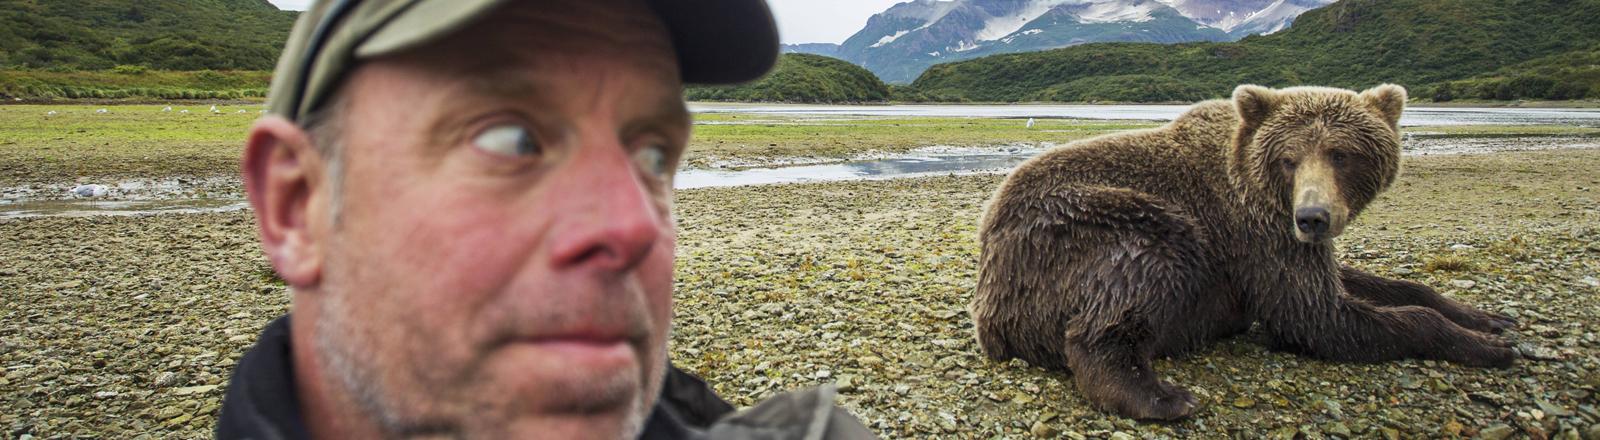 Mann macht ein Selfie mit einem Grizzlybären in Alaska